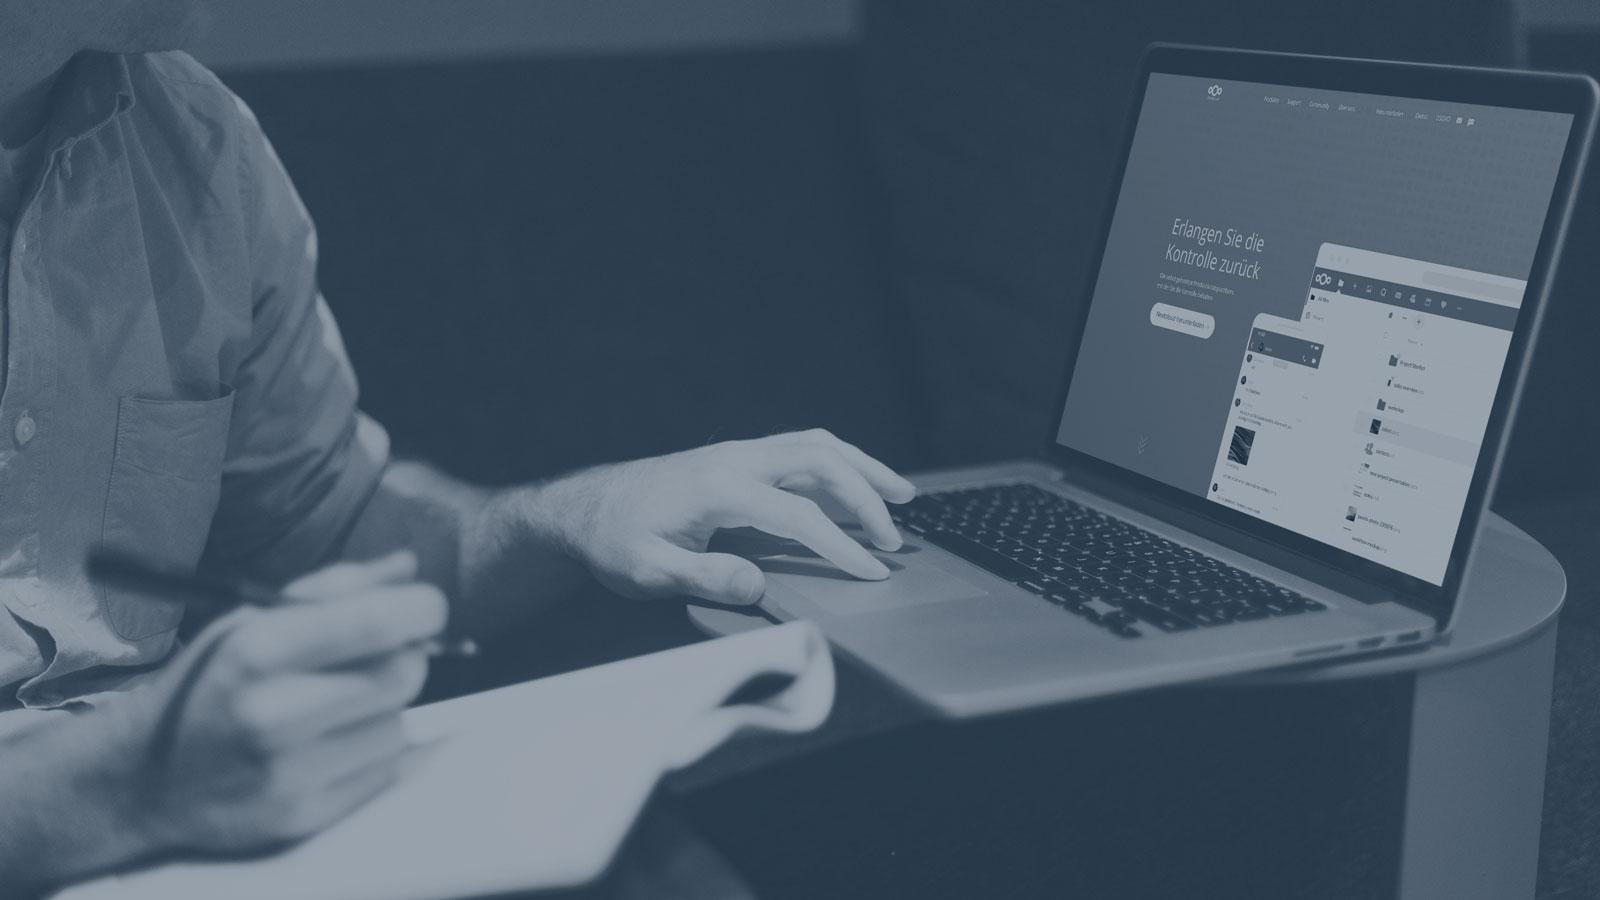 Erlangen Sie die Kontrolle zurück - mit NextCloud